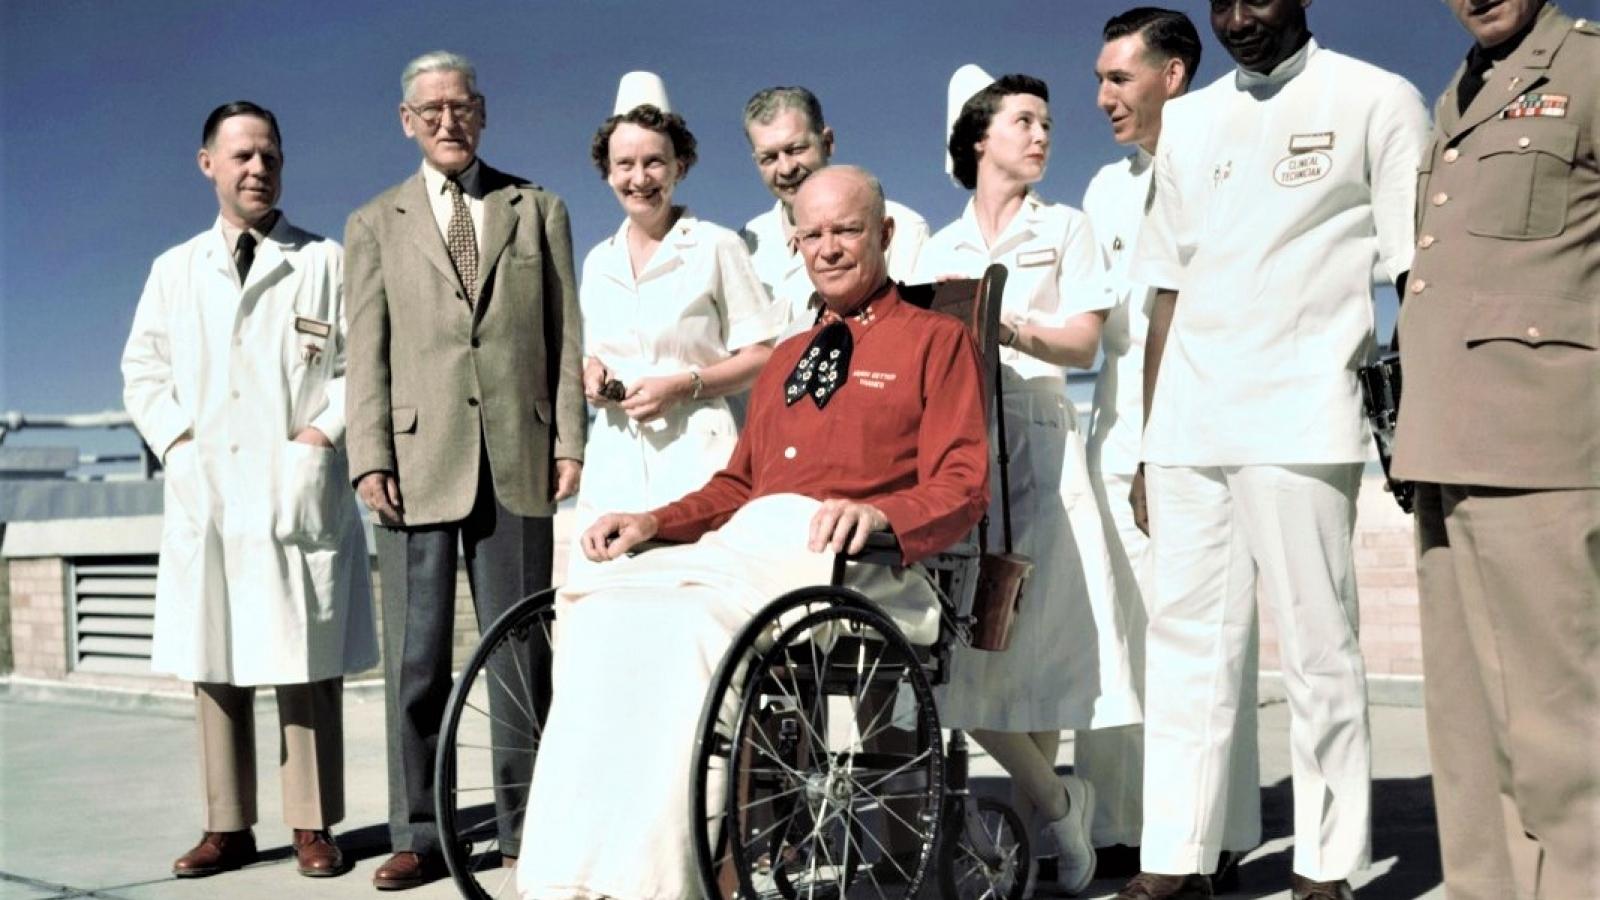 Những Tổng thống Mỹ bị bệnh hoặc mất khả năng làm việc khi đương nhiệm